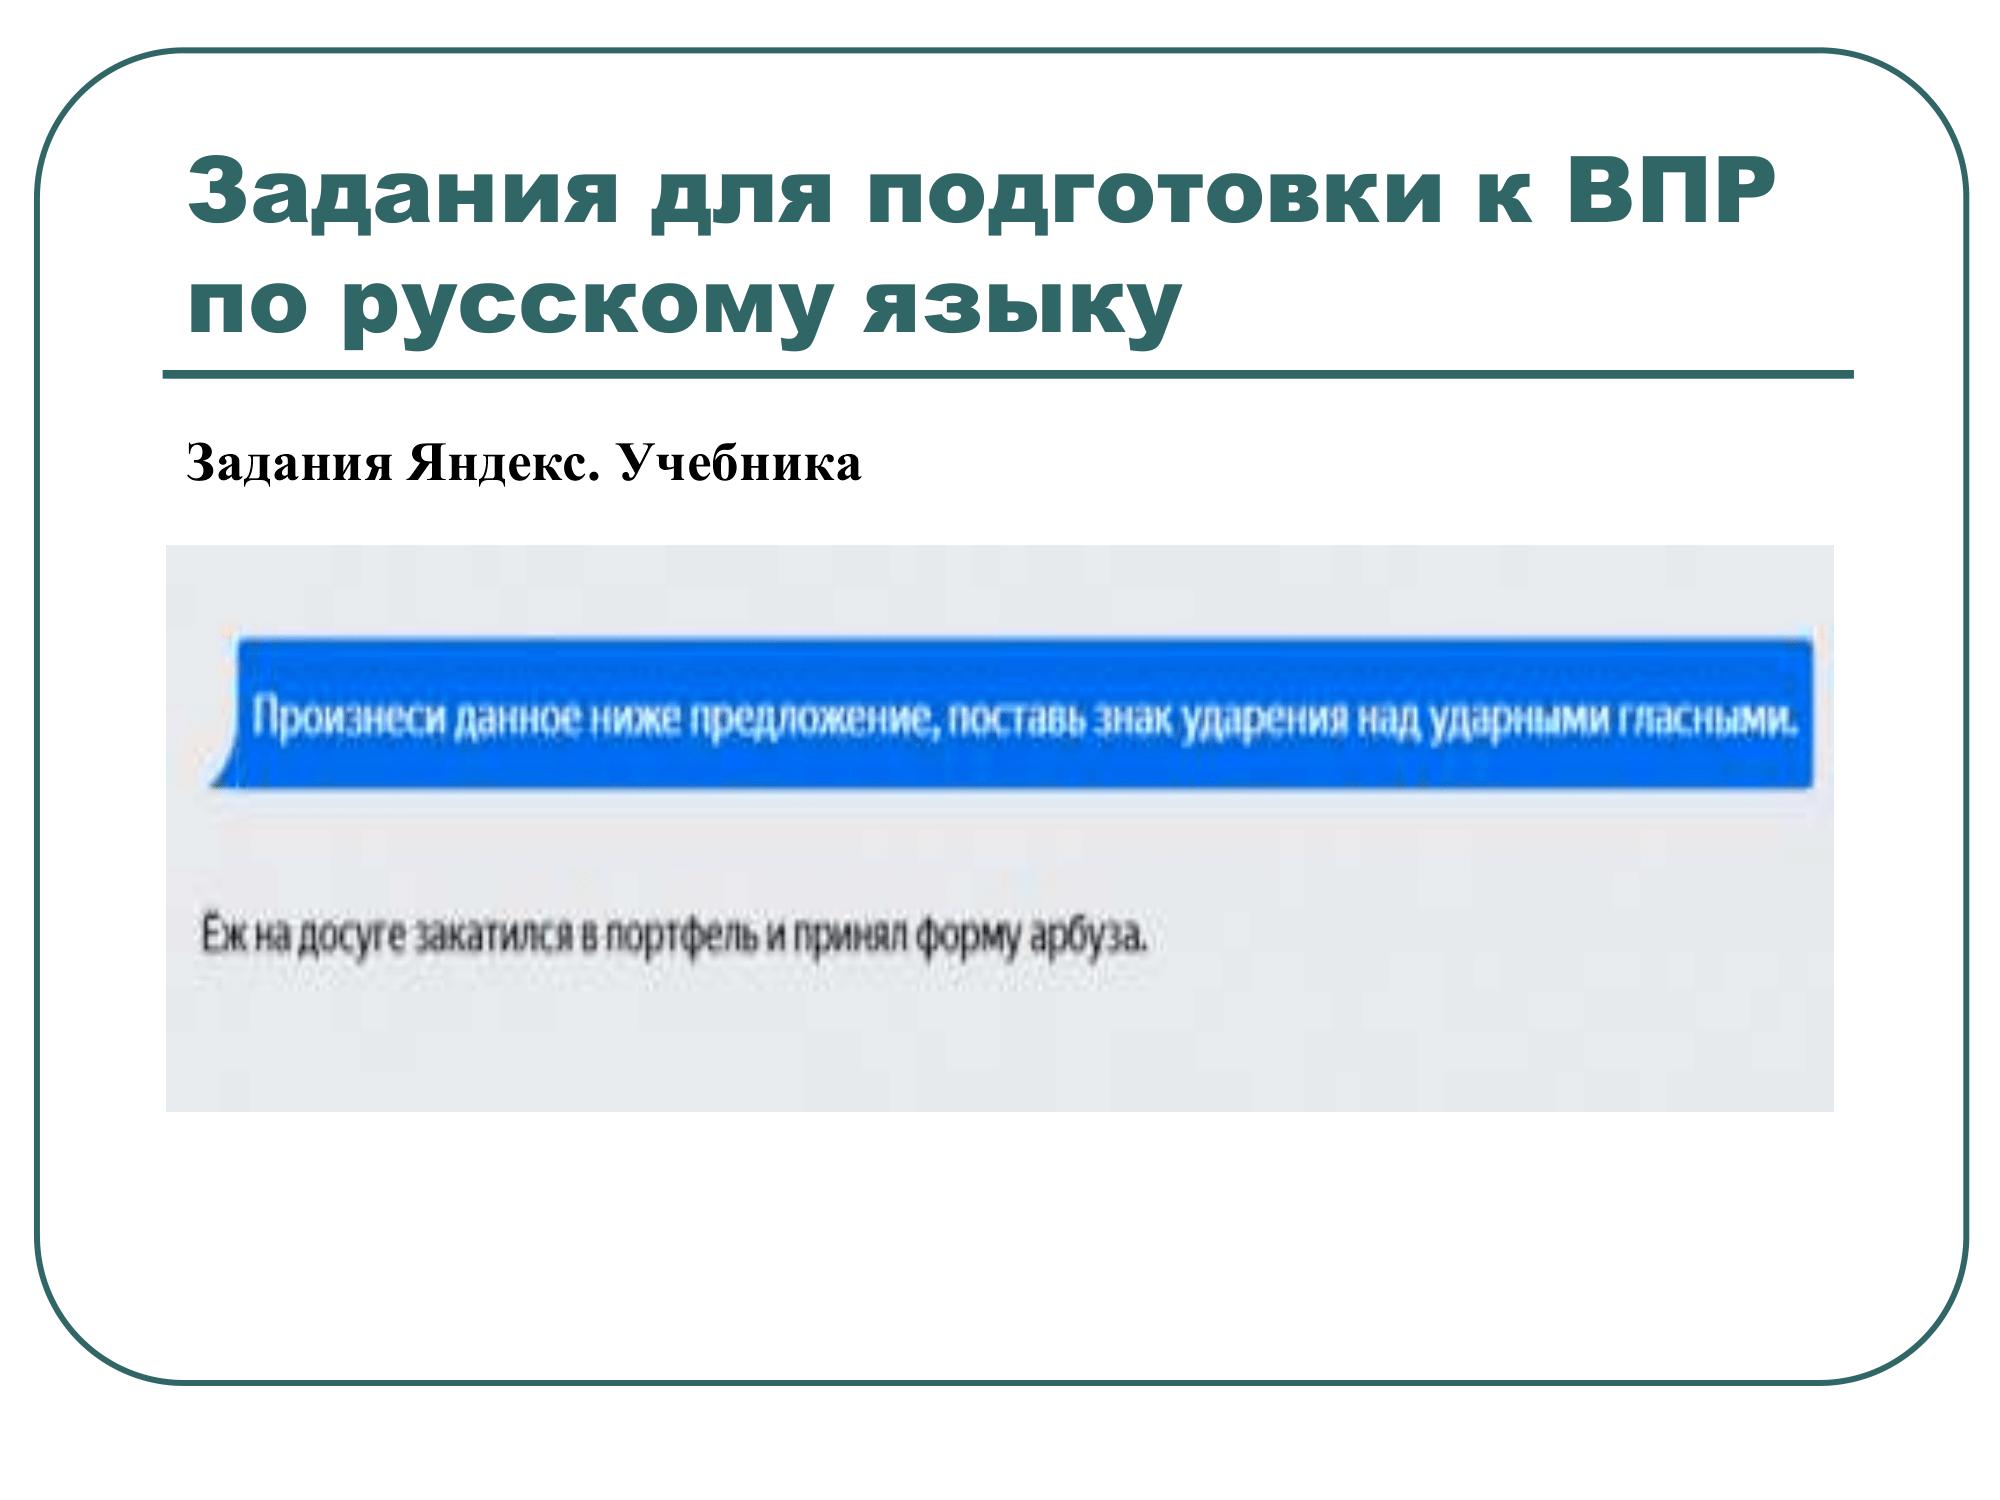 яндекс учебник. Презентация к докладу Васильченко Т.В._0015